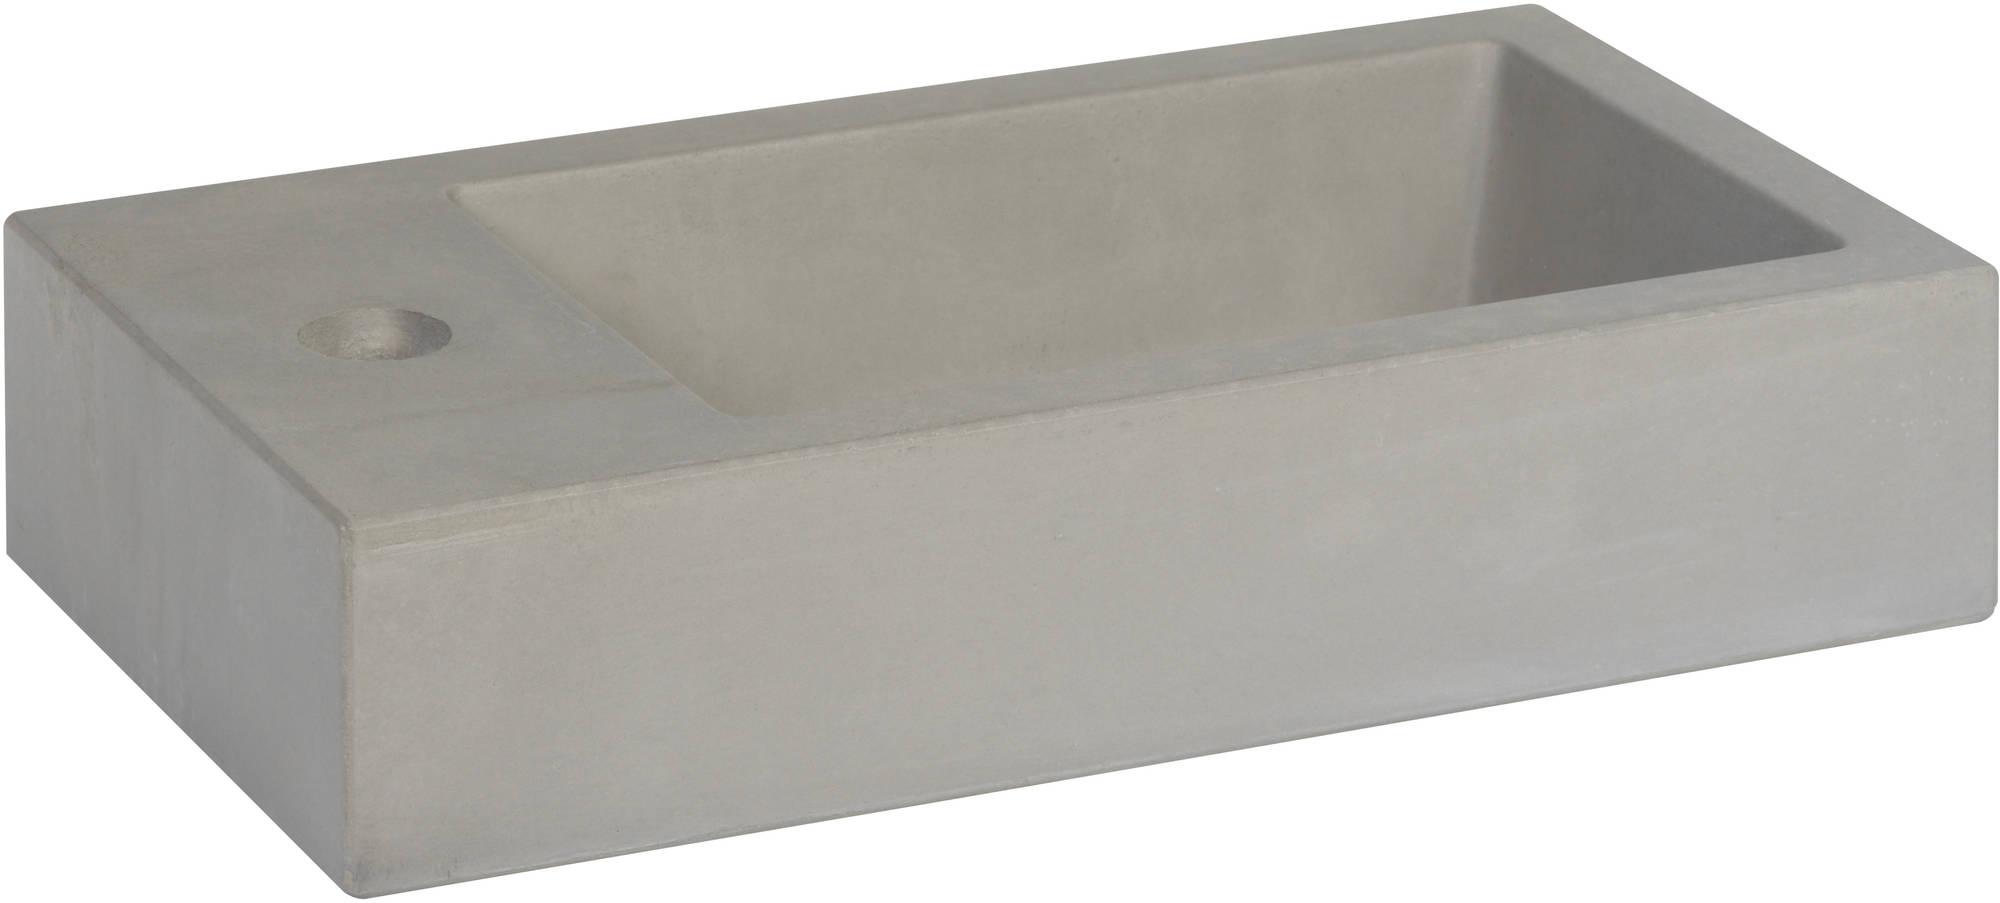 Ben Titan Fontein L 40x22,5x9,4 cm 1 Krg. Beton